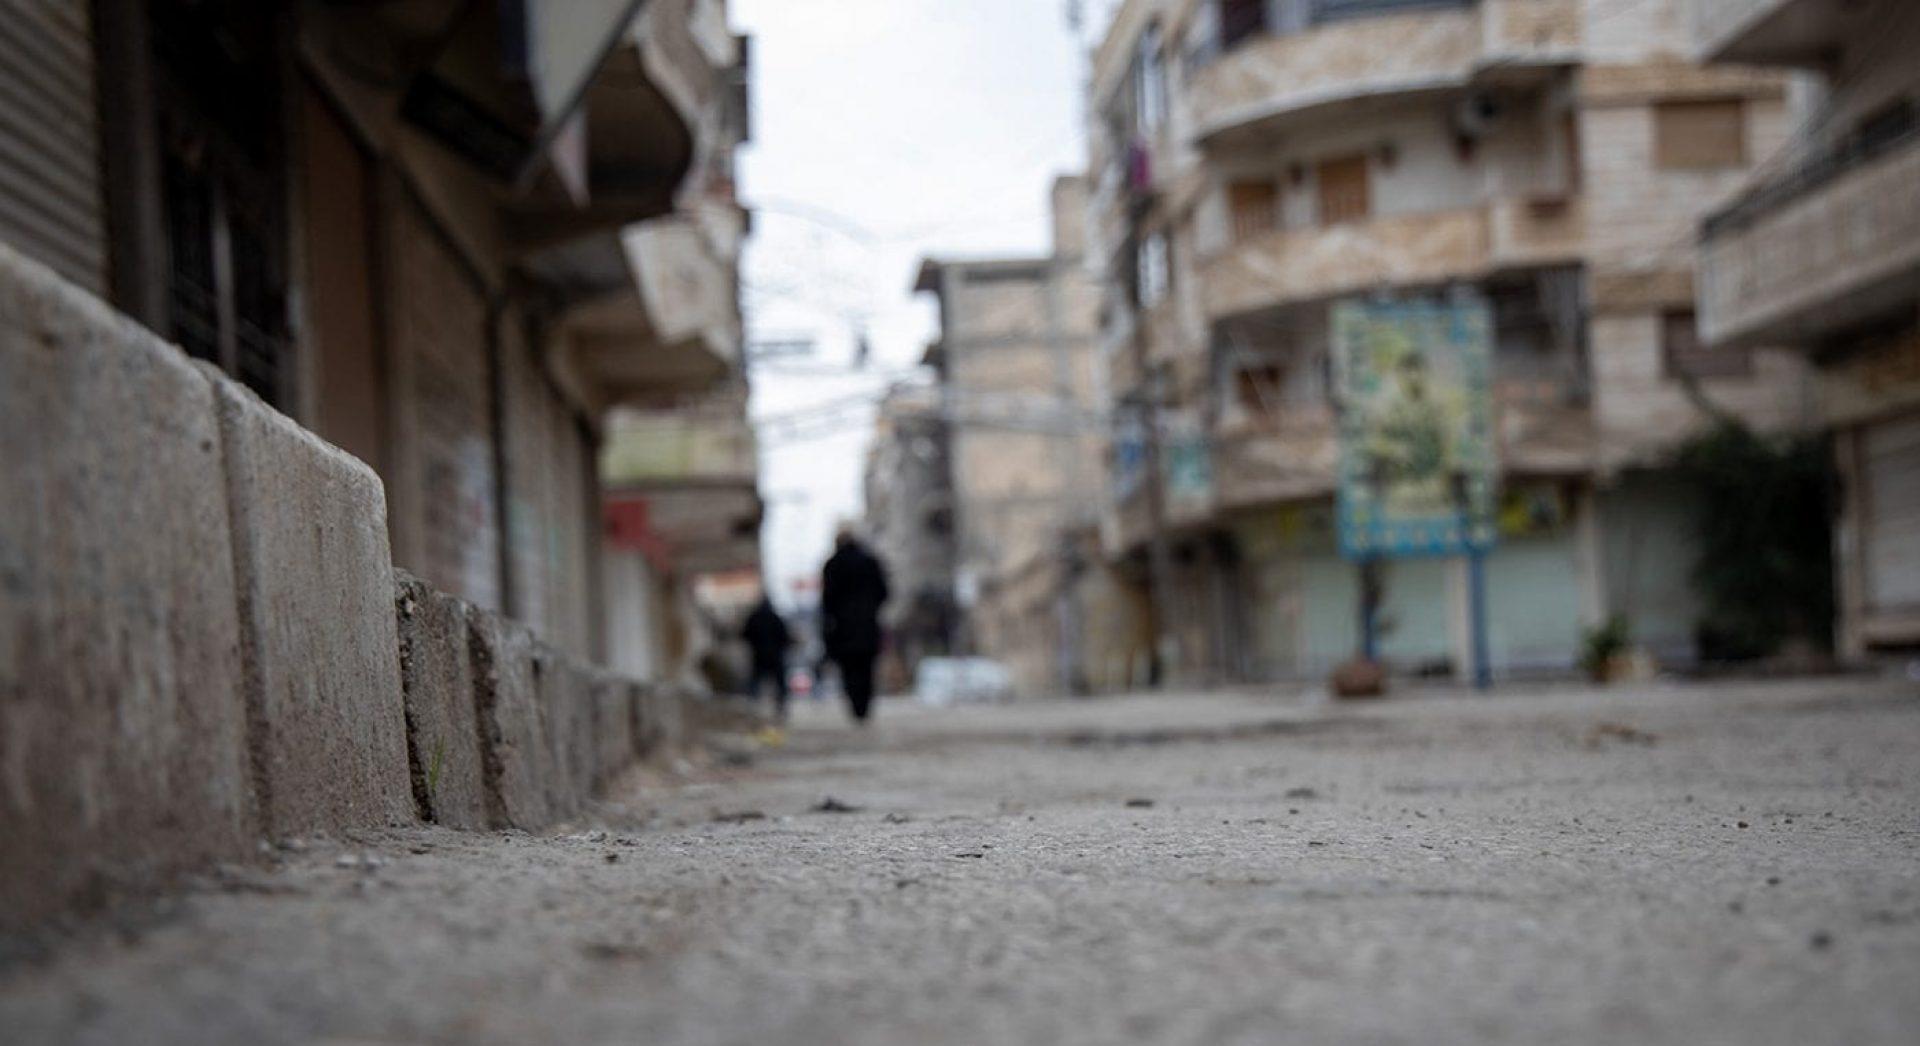 Aici este locul unde a zăcut Falit, încercând să evite a fi omorât de către teroriștii ISIS.